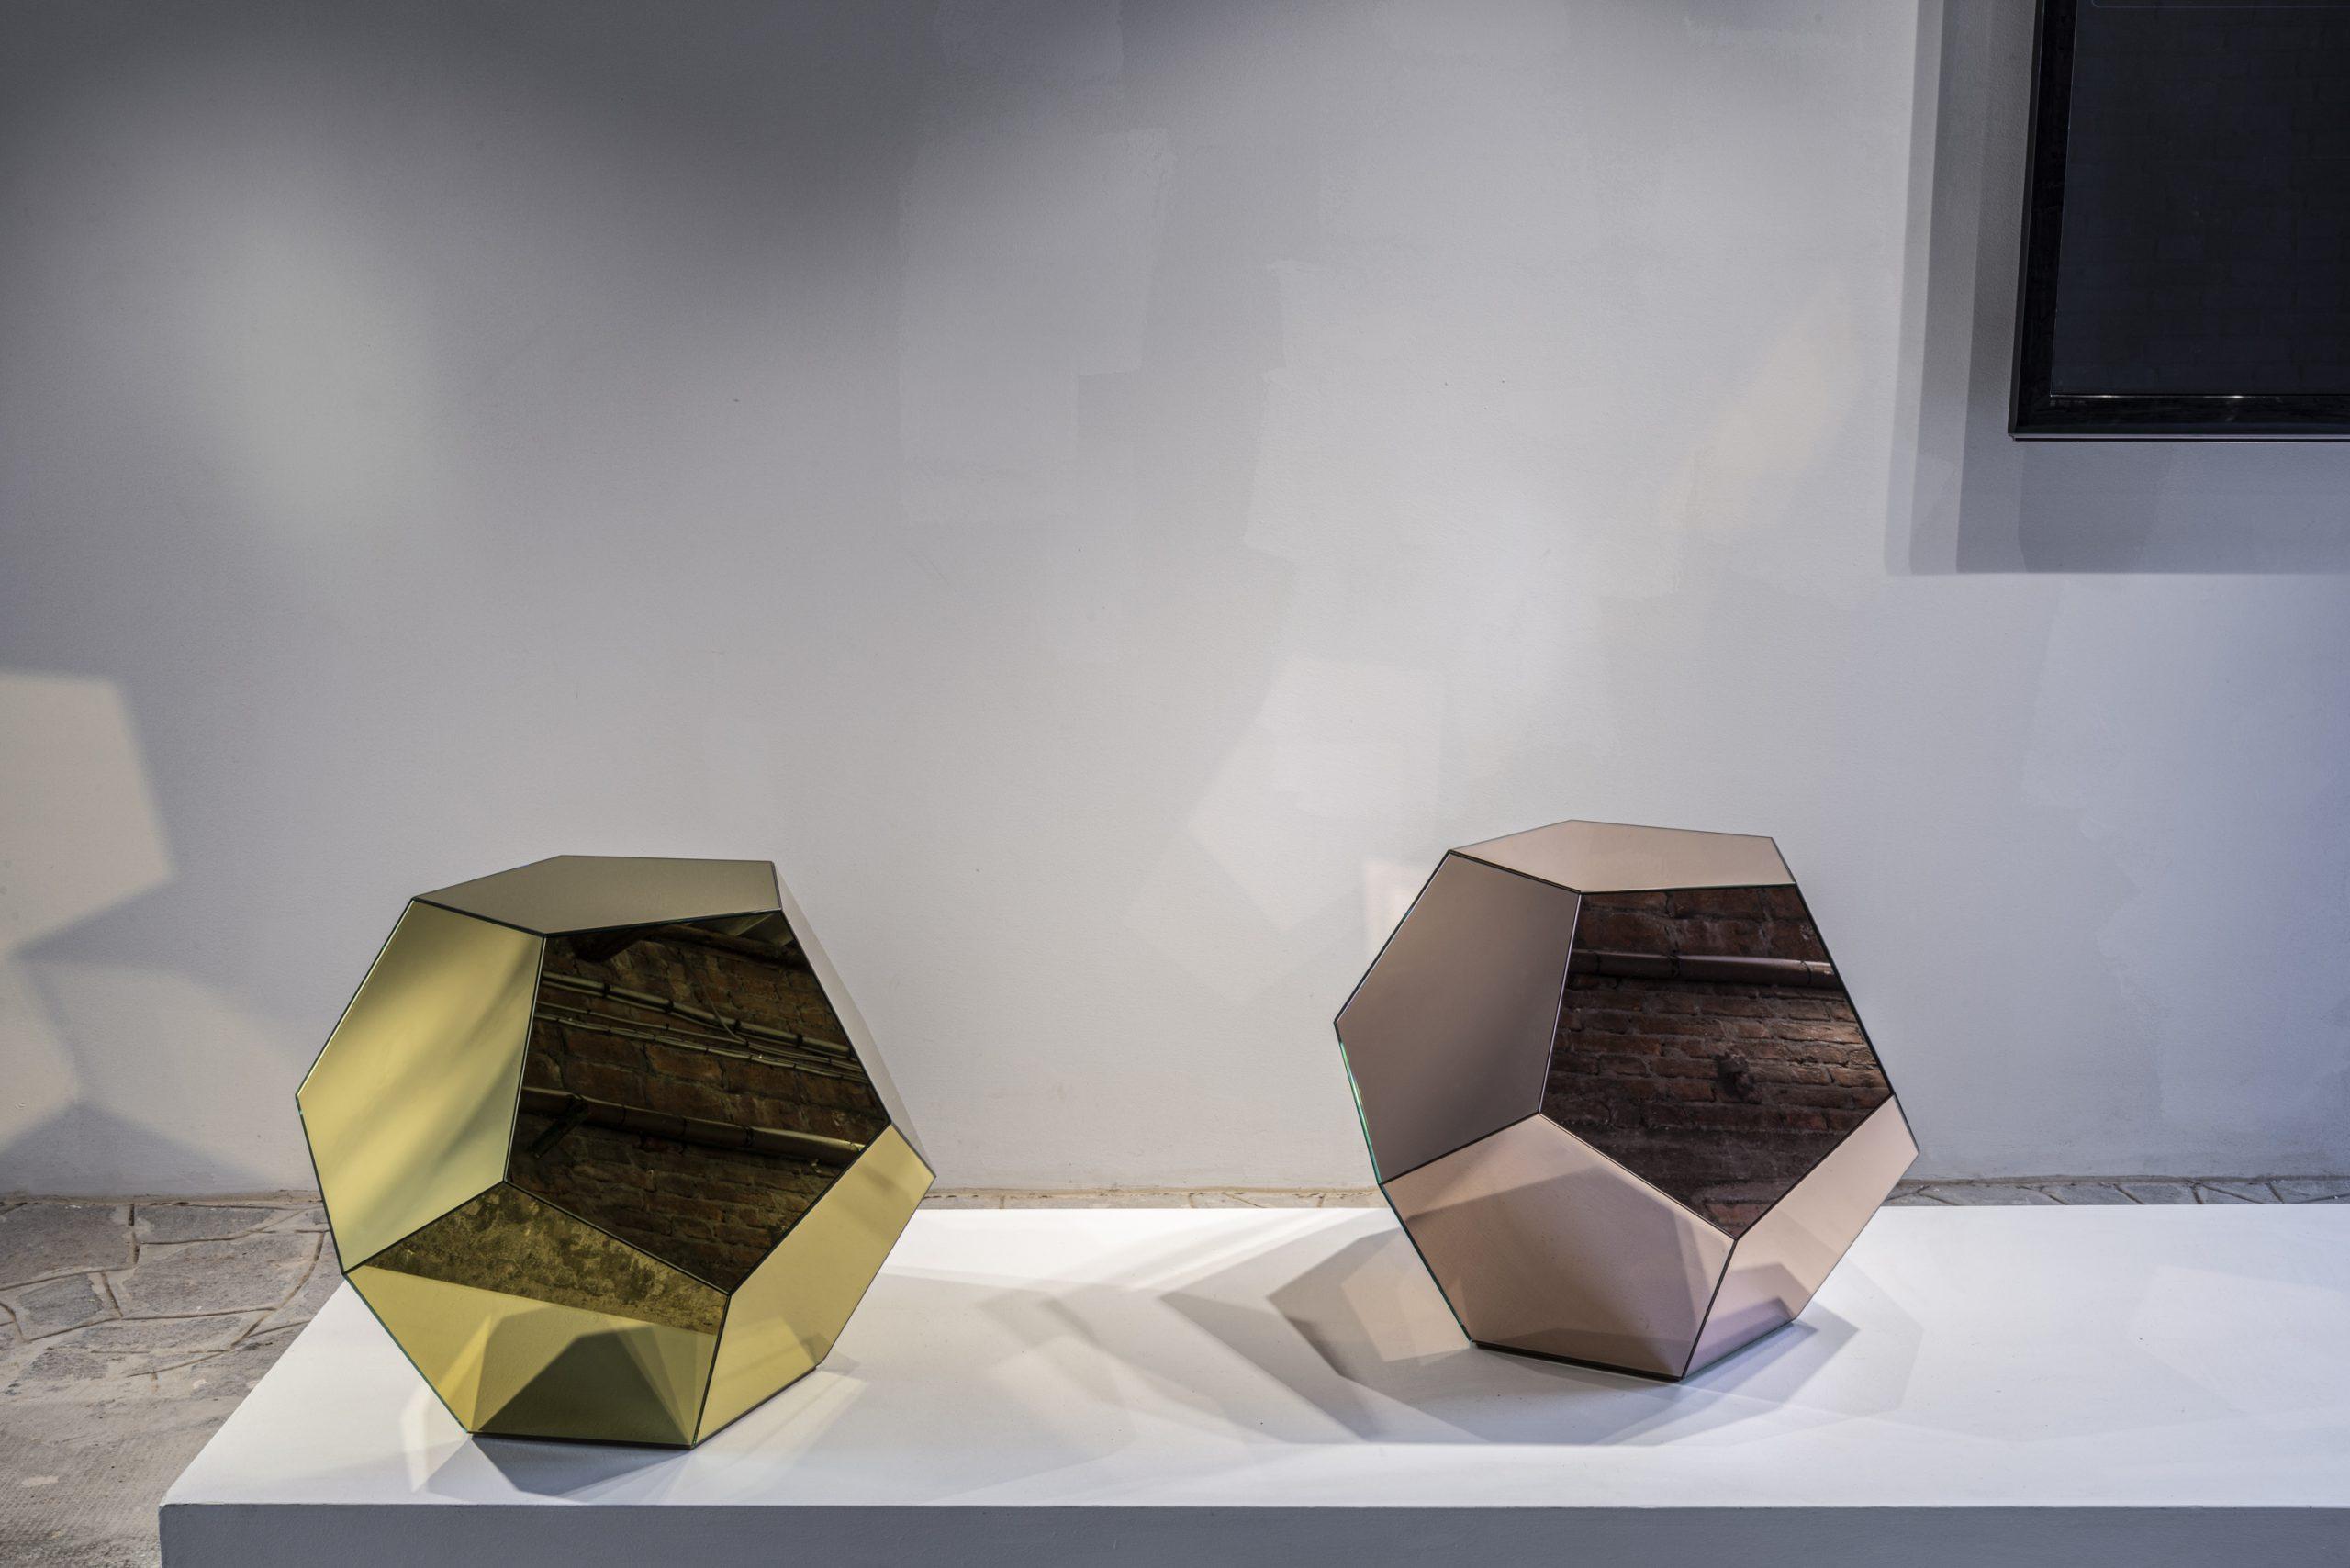 Krista Kim's Mars Polyhedron at Fondazione Berengo Art Space, Murano